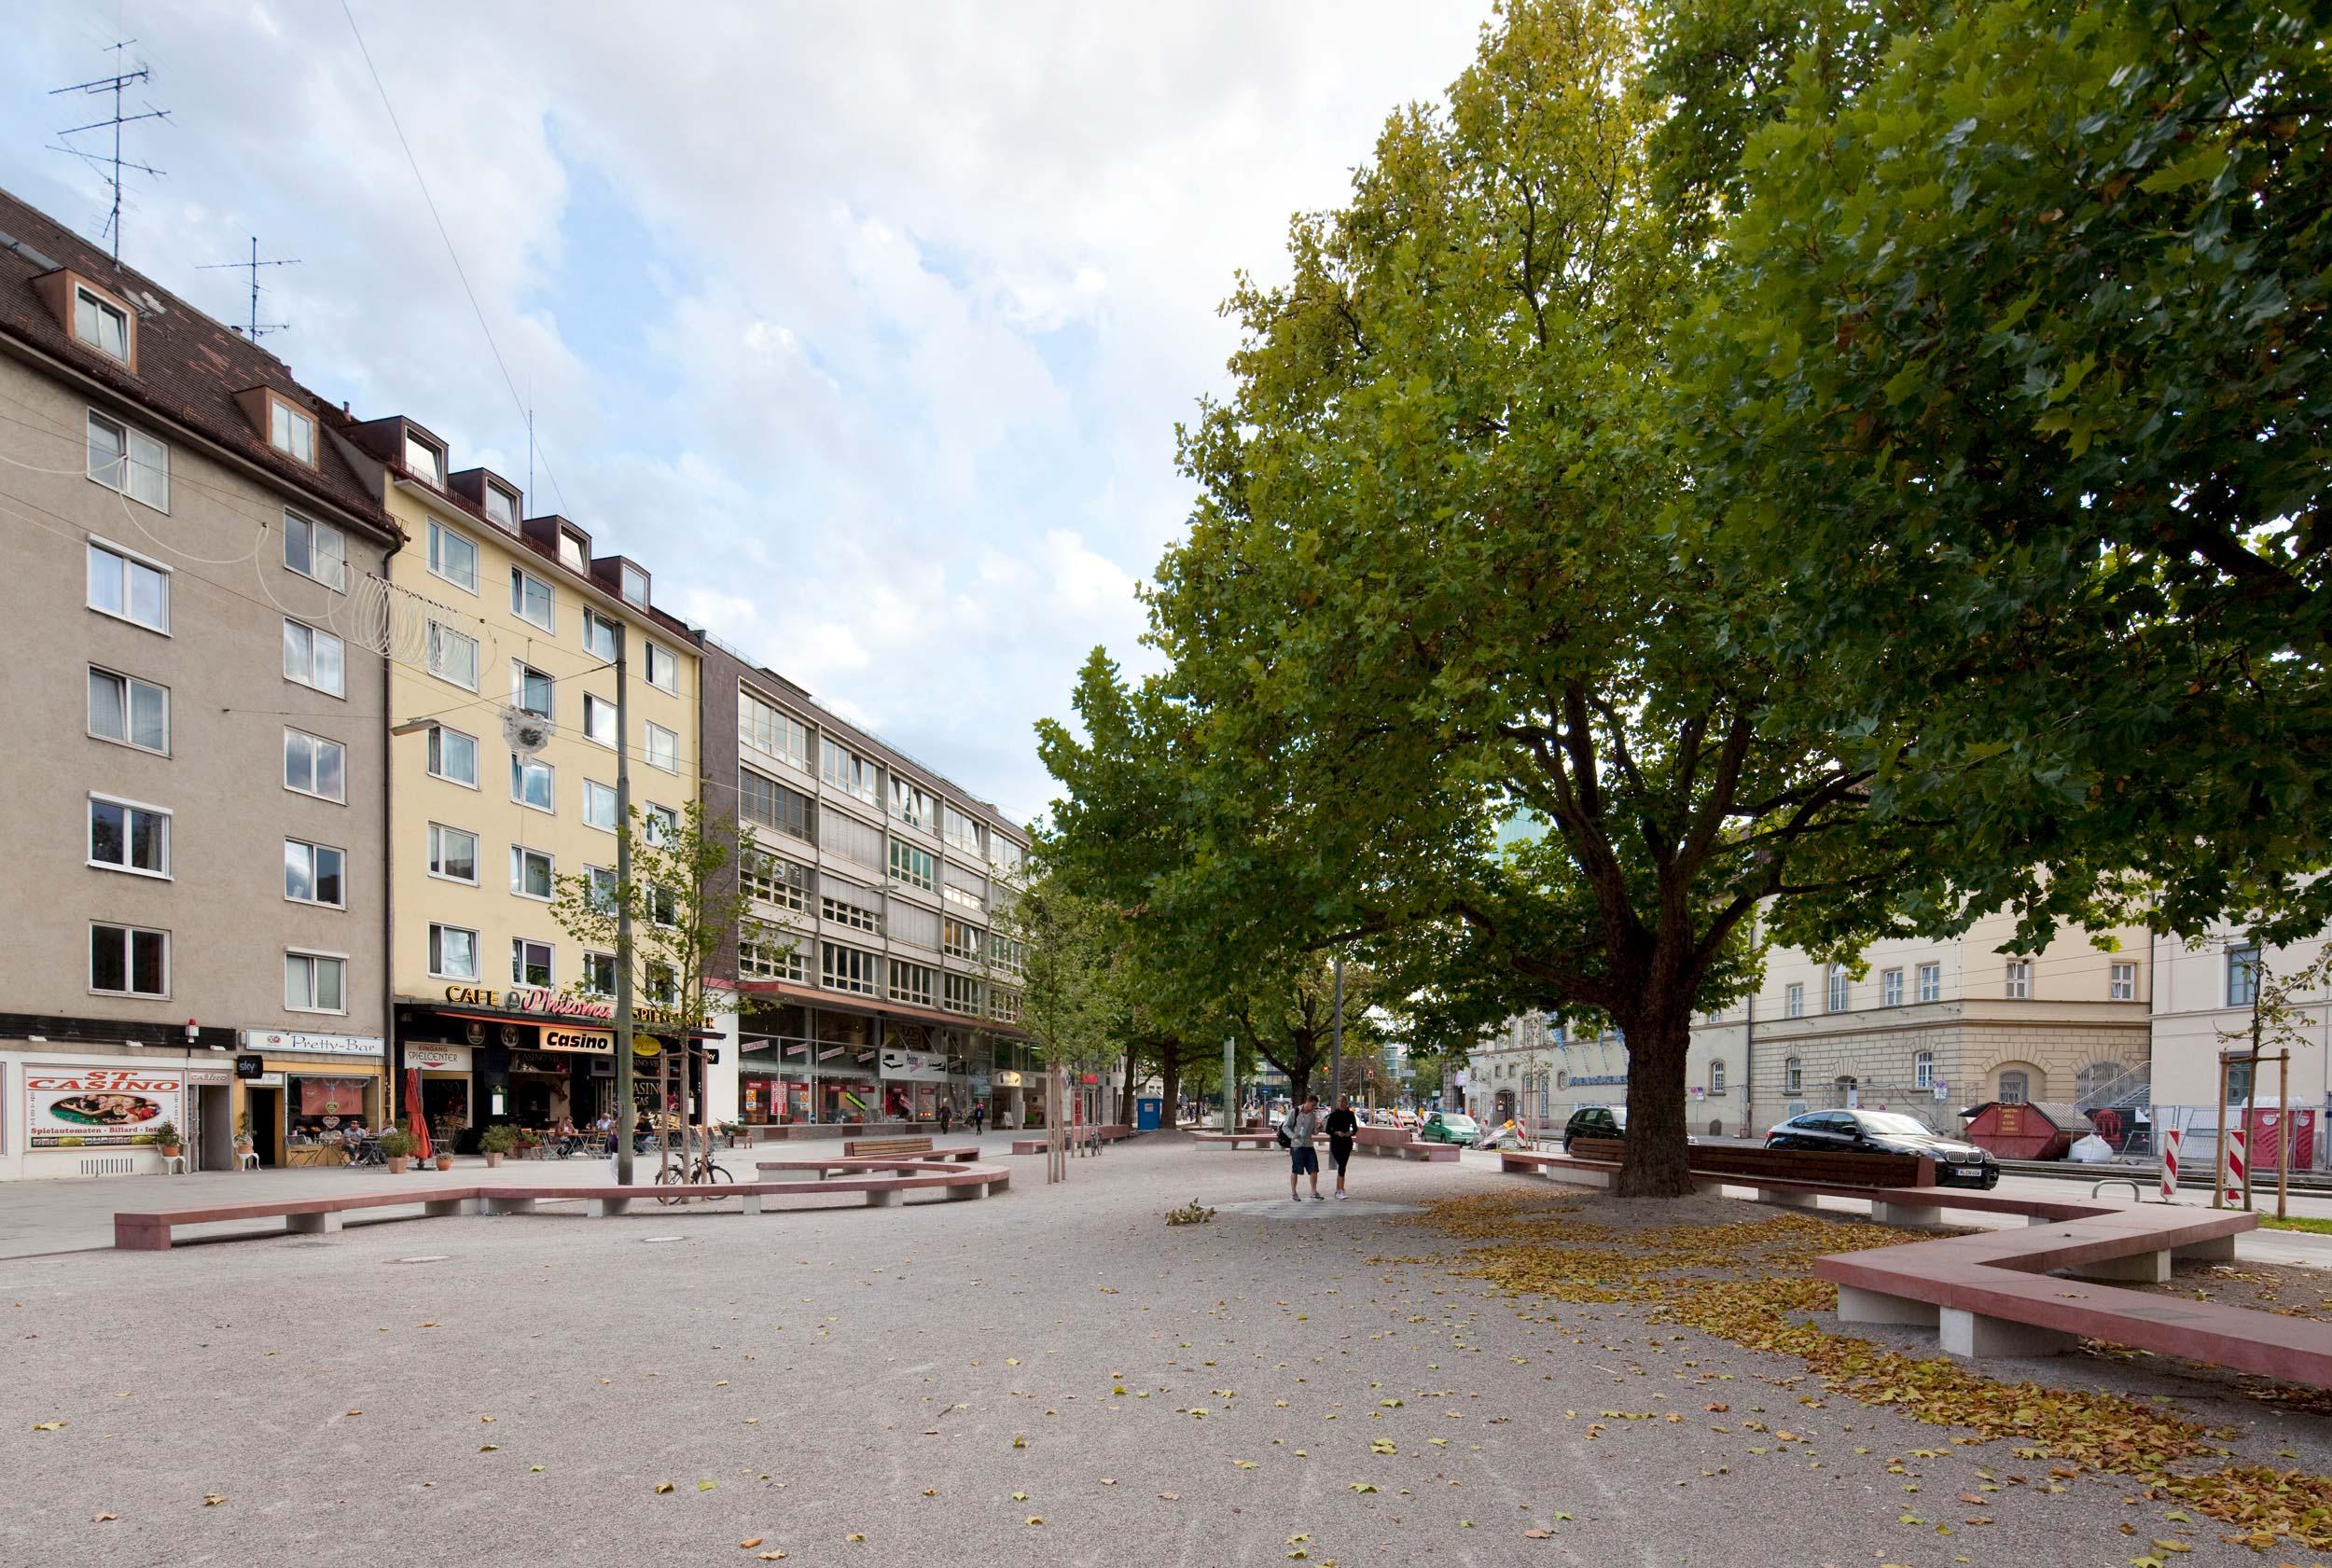 Platz an der Rottmannstrasse in München